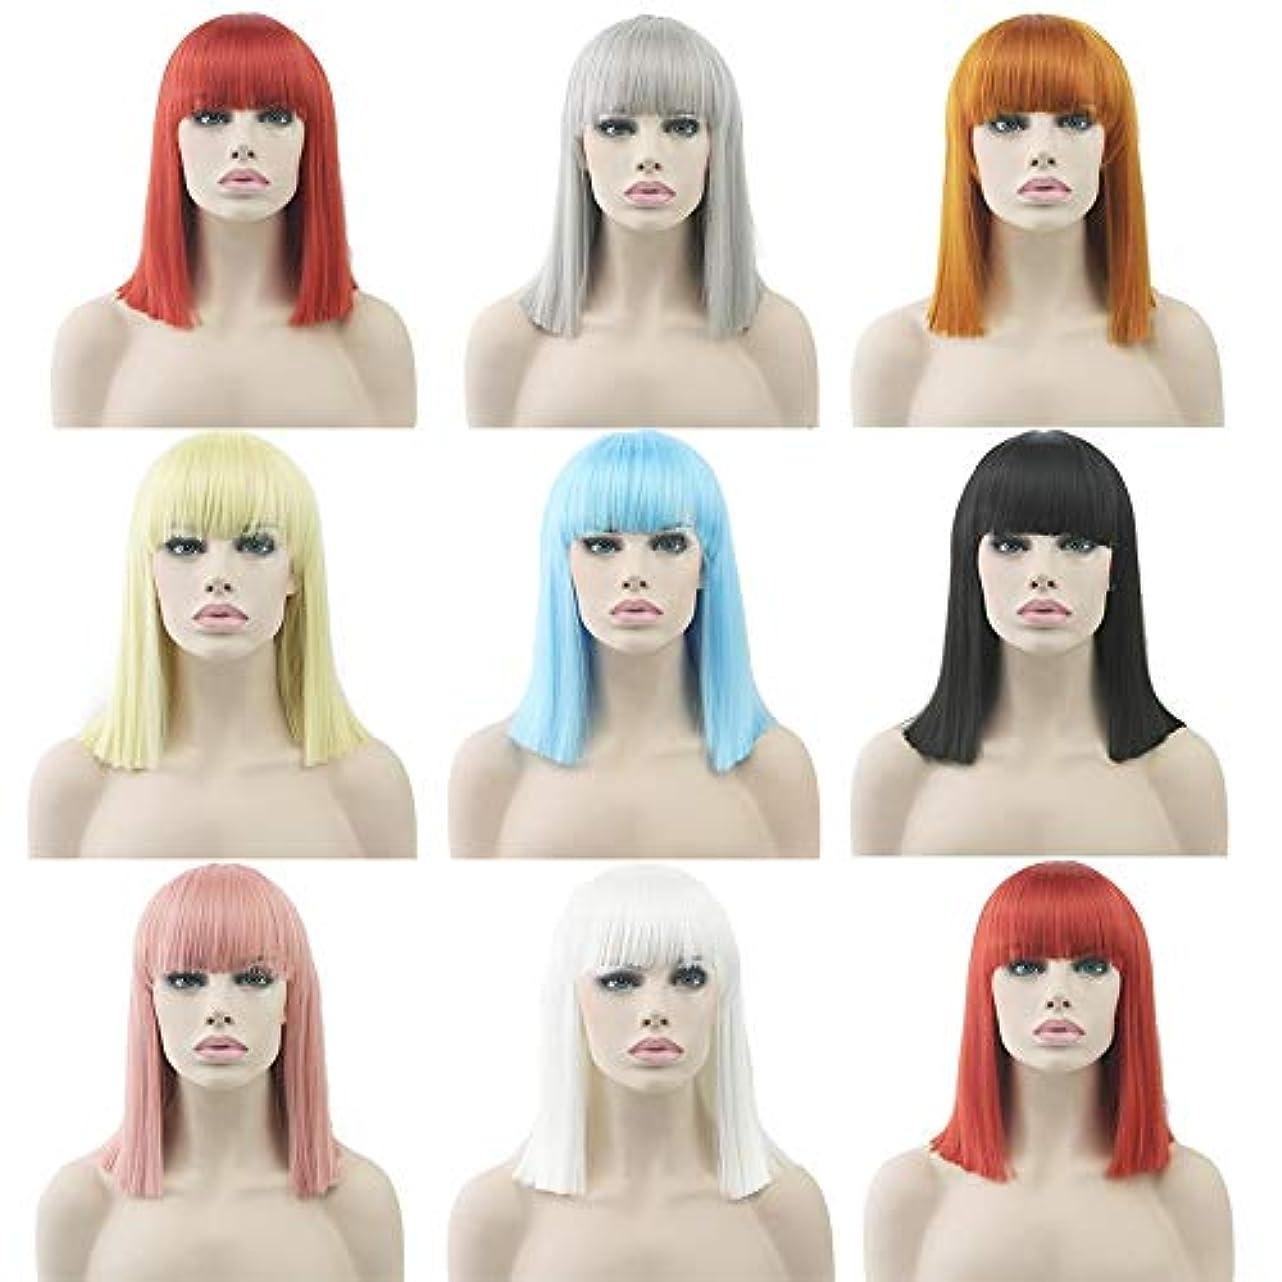 月面少なくともぴったり女性のショートナチュラルストレートヘアウィッグフラット前髪14インチ人工毛交換ウィッグハロウィンコスプレ衣装アニメパーティーウィッグ (Color : 青)